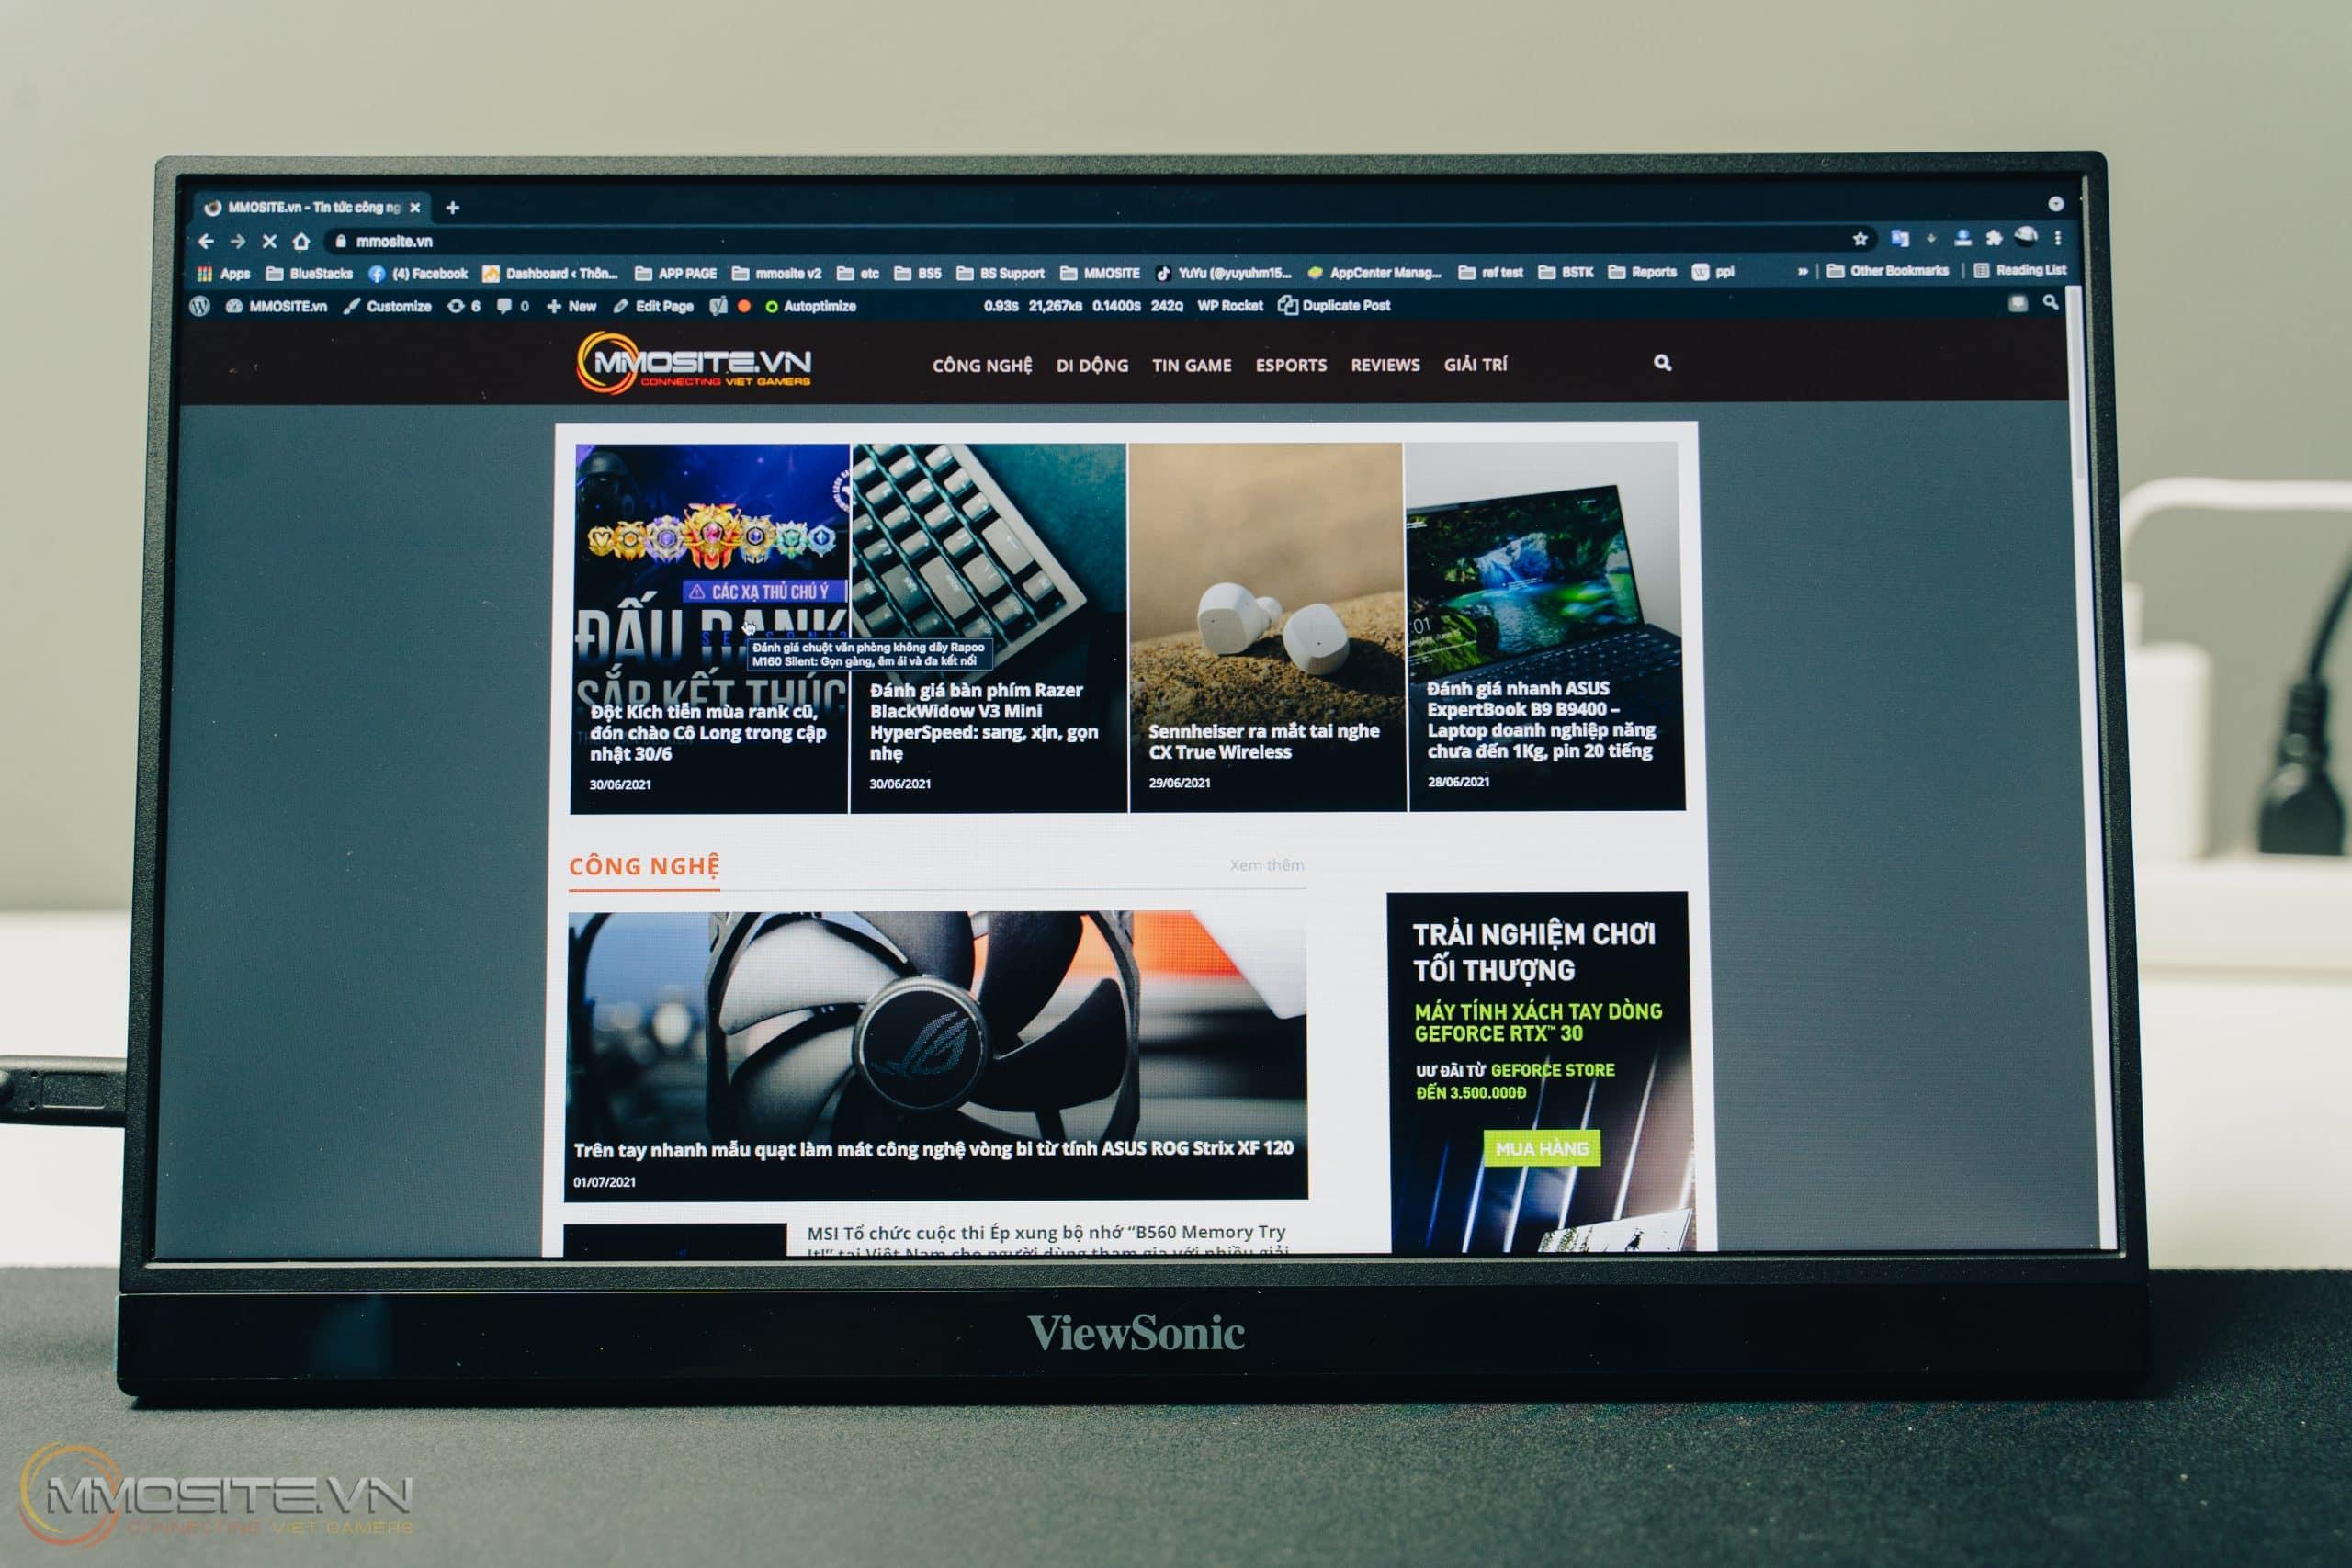 Màn hình VG1655 của ViewSonic sẽ là trợ thủ đắc lực cho những ai đang dùng máy tính xách tay khi muốn mở rộng không gian làm việc của mình.